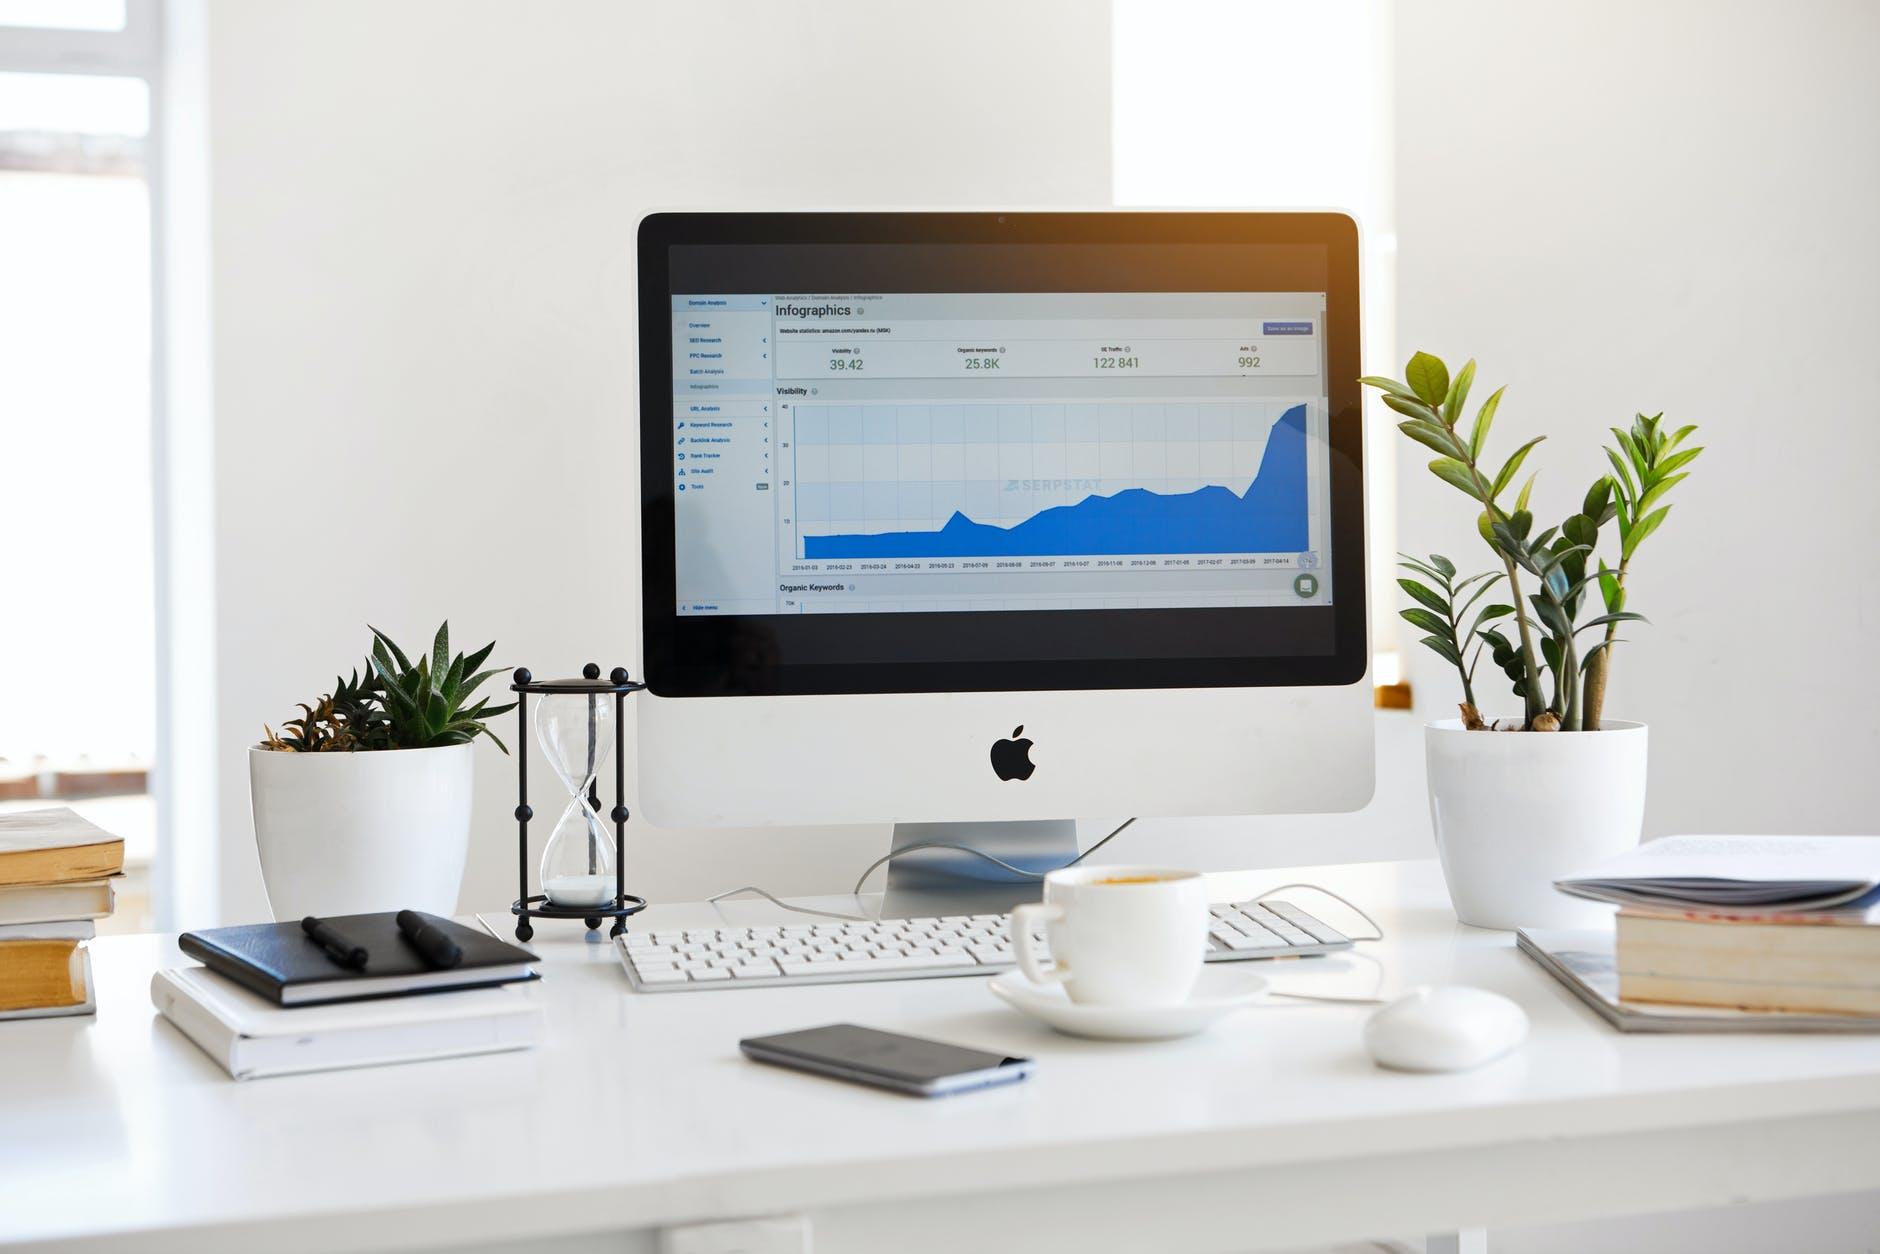 programas de contabilidad gratis